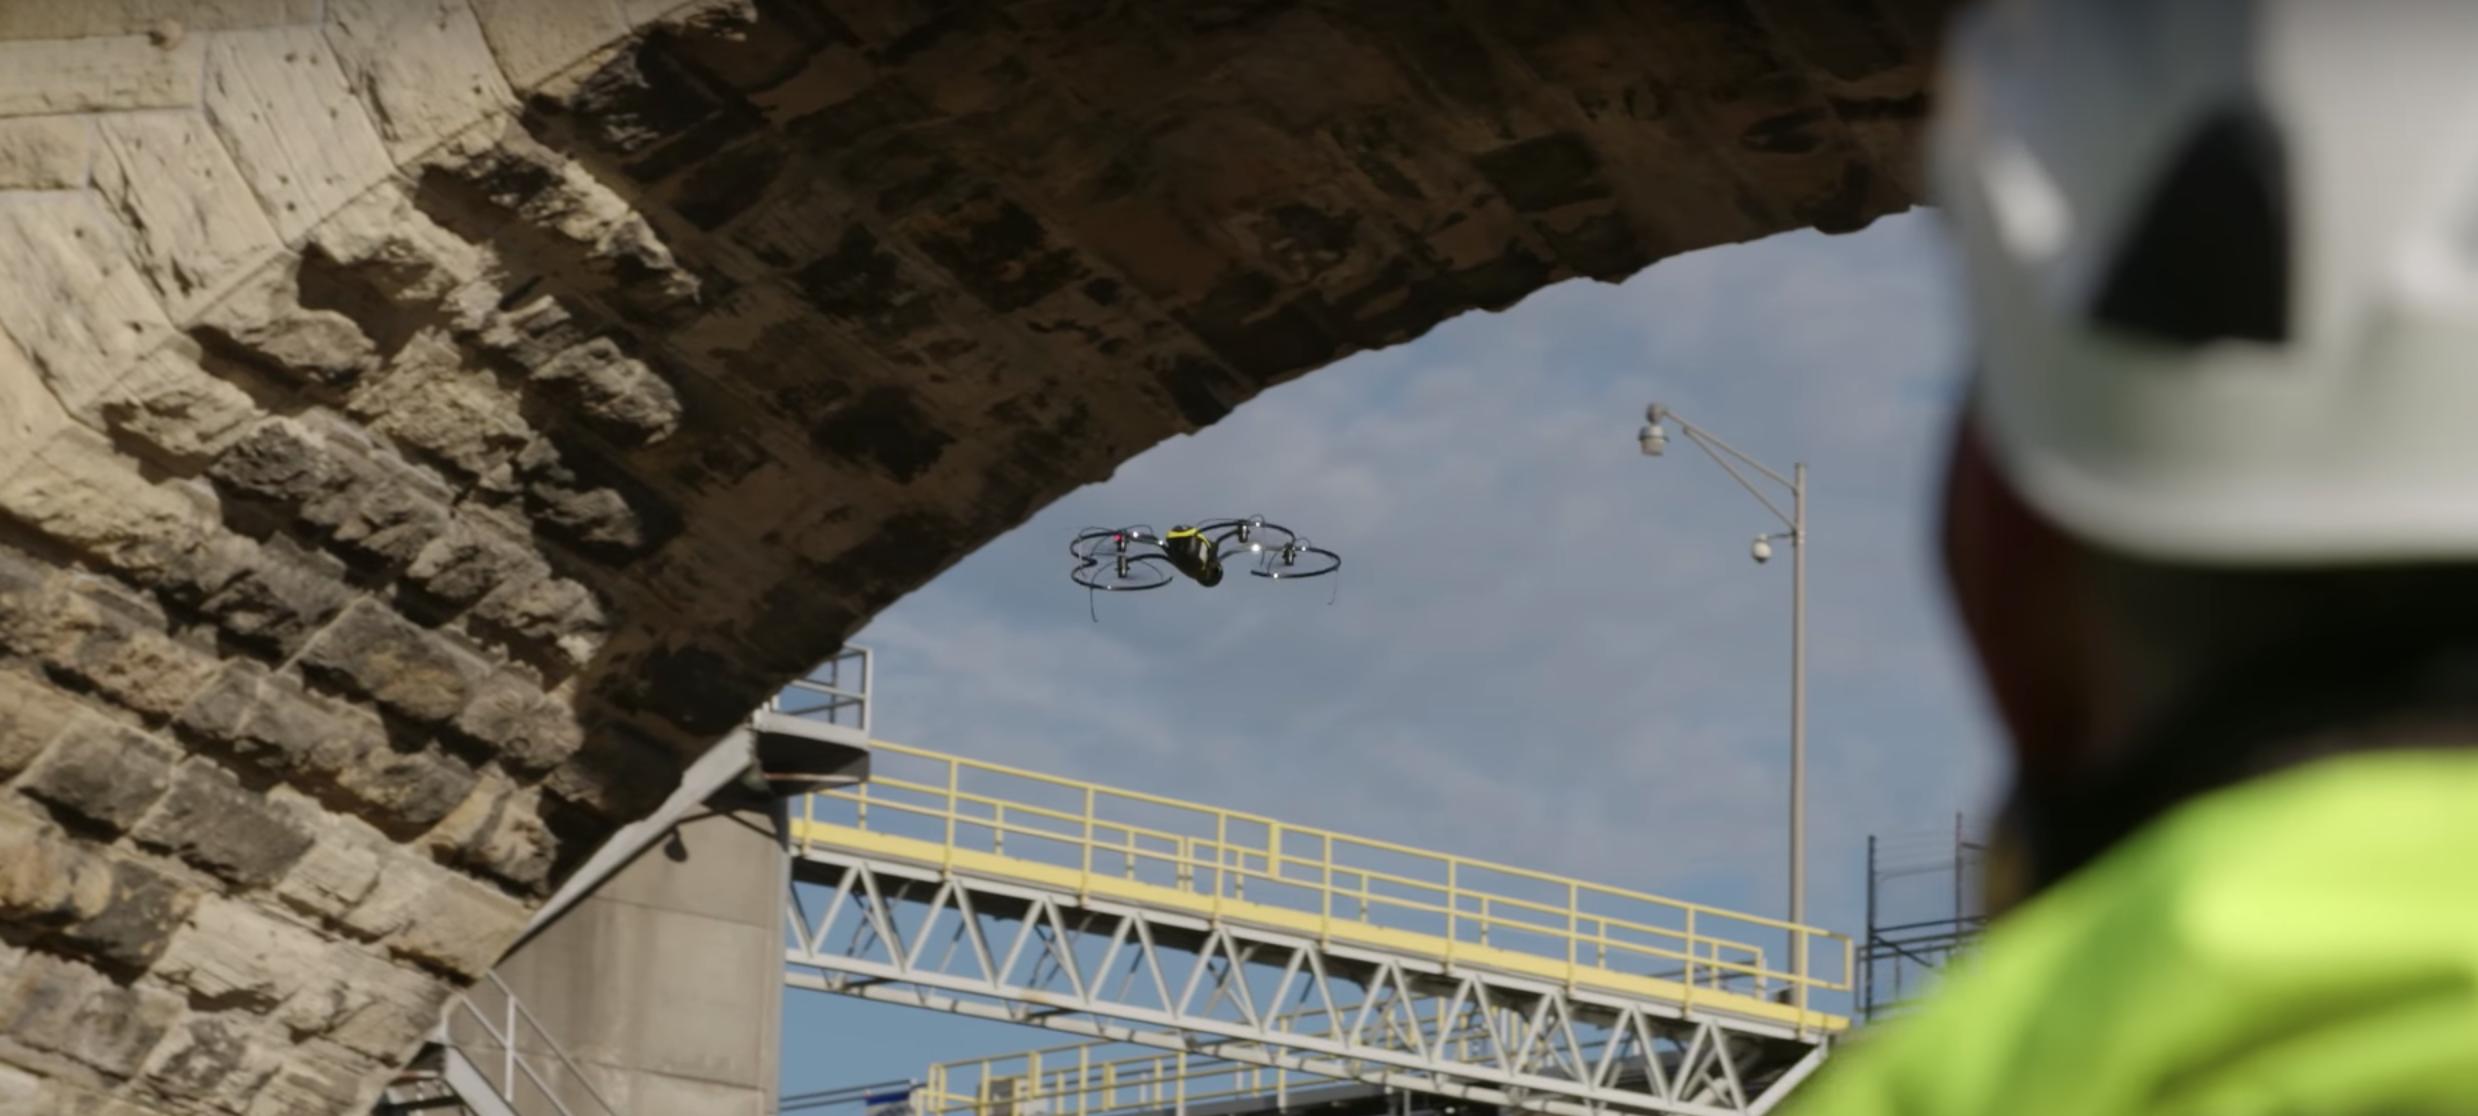 橋梁点検にドローン活用。老朽化に直面したアメリカ・ミネソタ州の事例